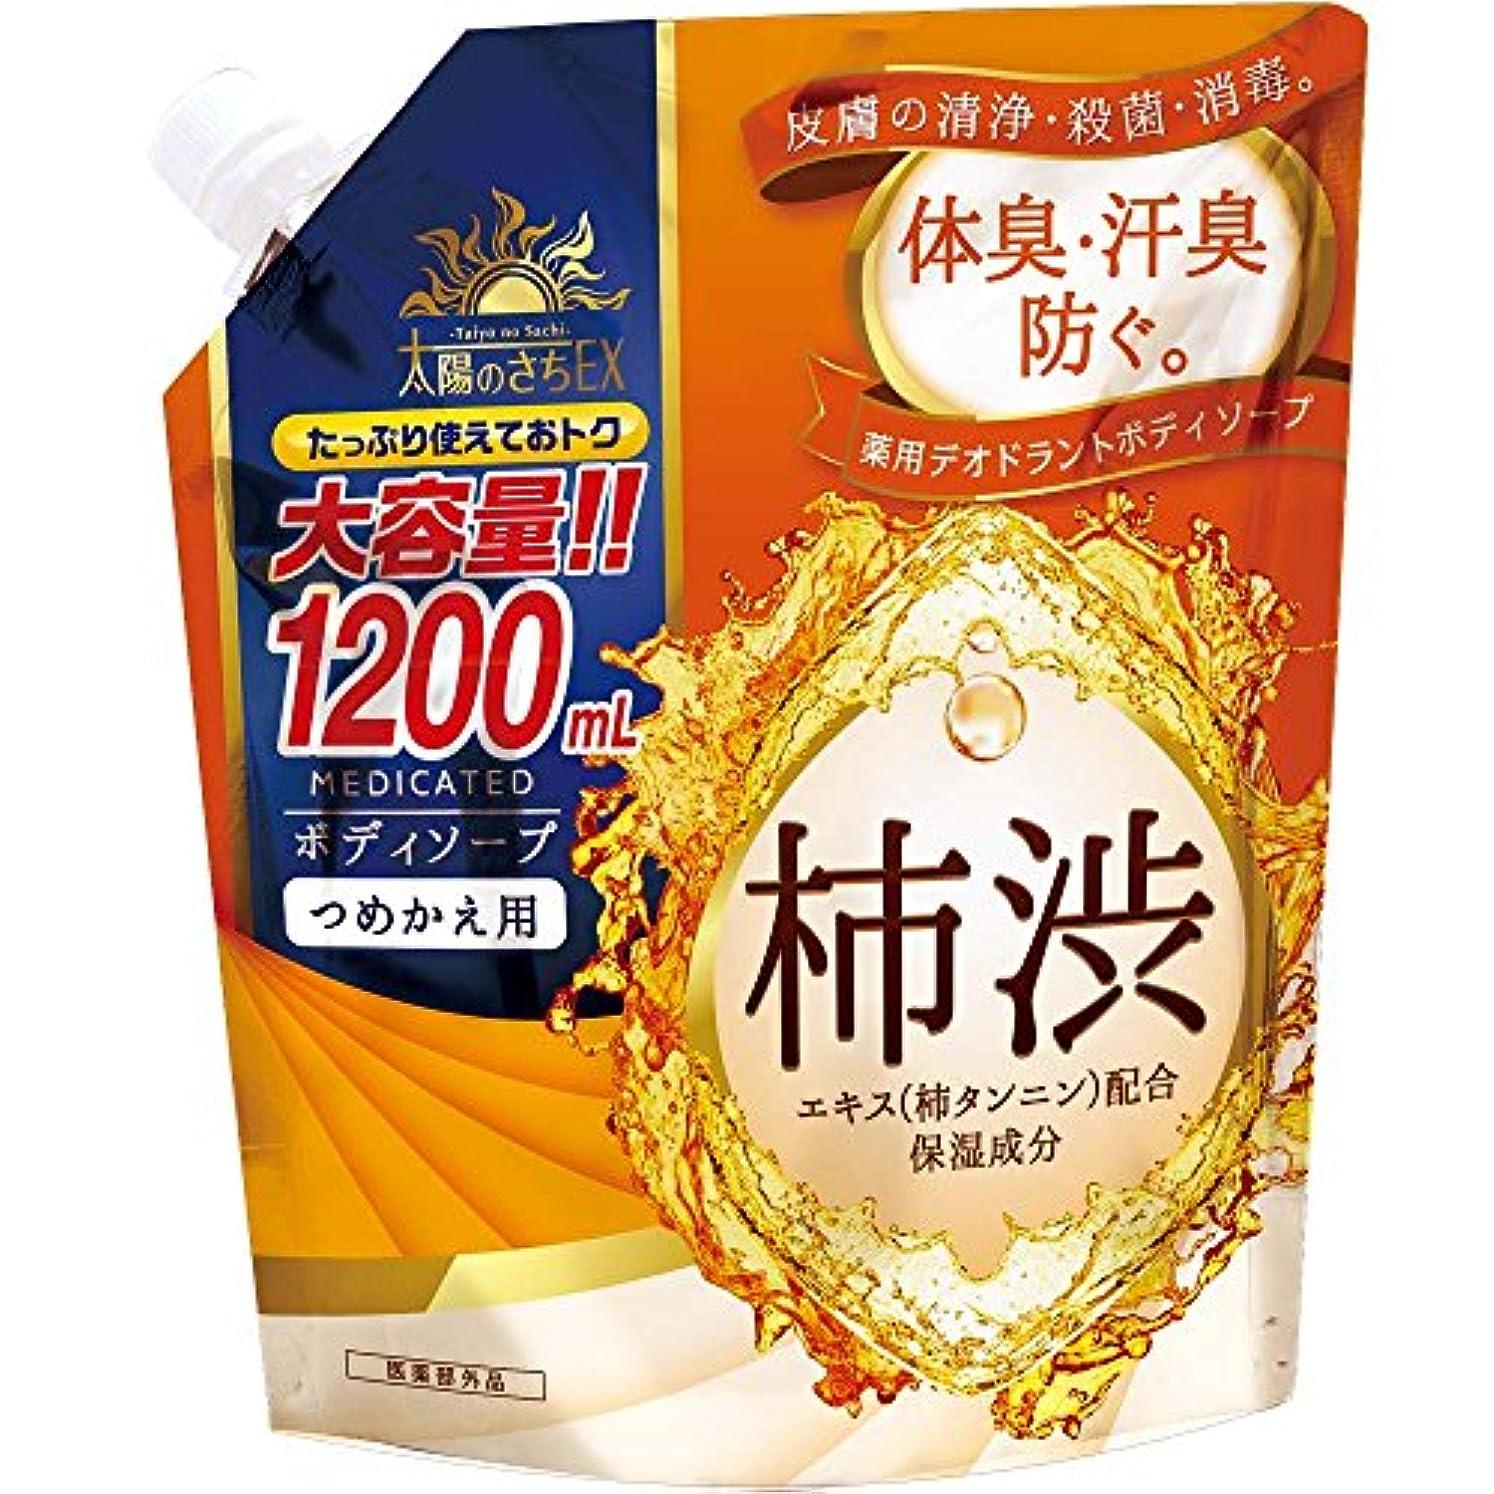 ブレース鎮静剤フルーツ薬用太陽のさちEX柿渋ボディソープ 大容量 1200mL